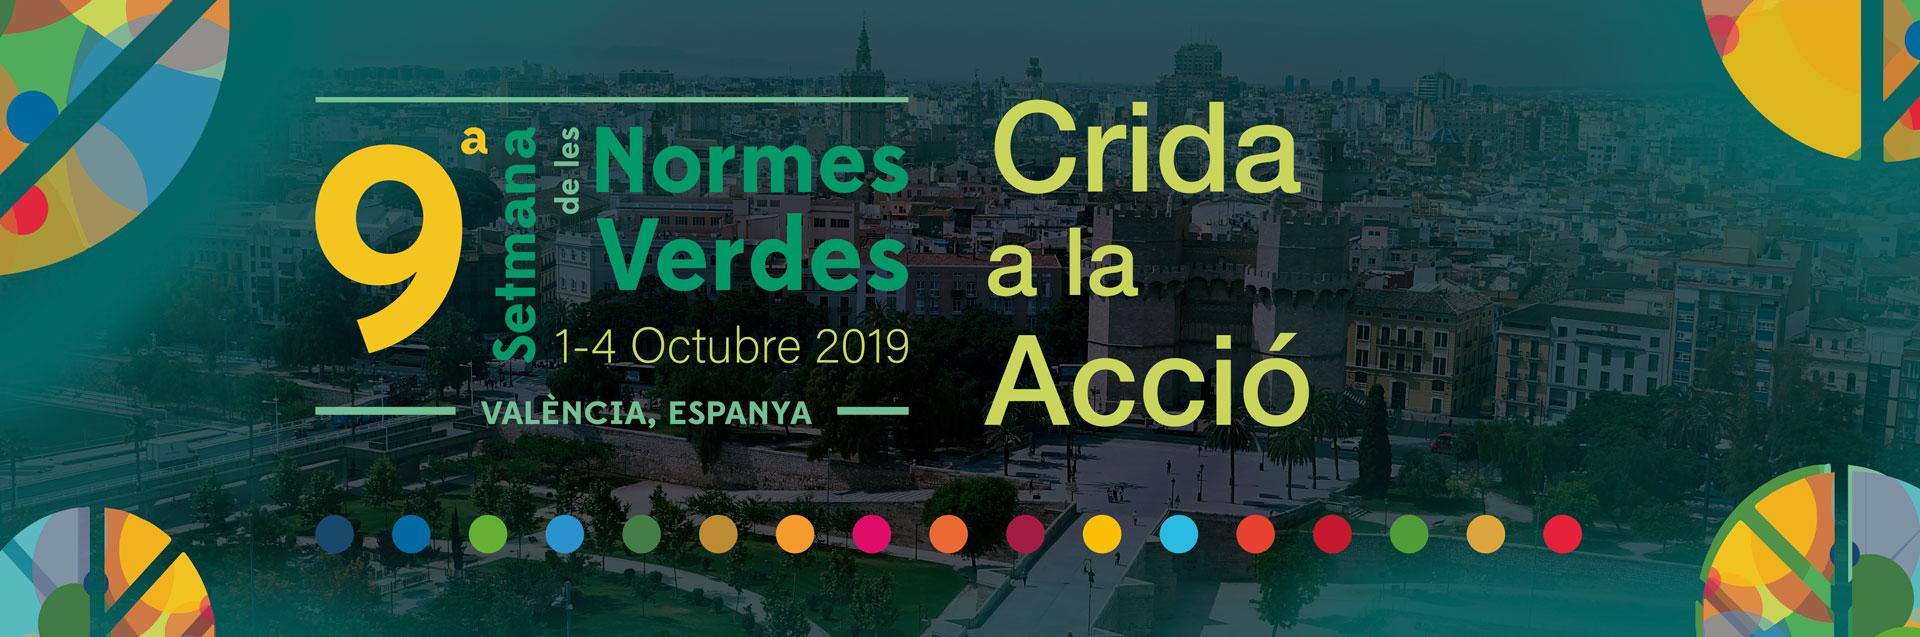 Crida a la Acció en València